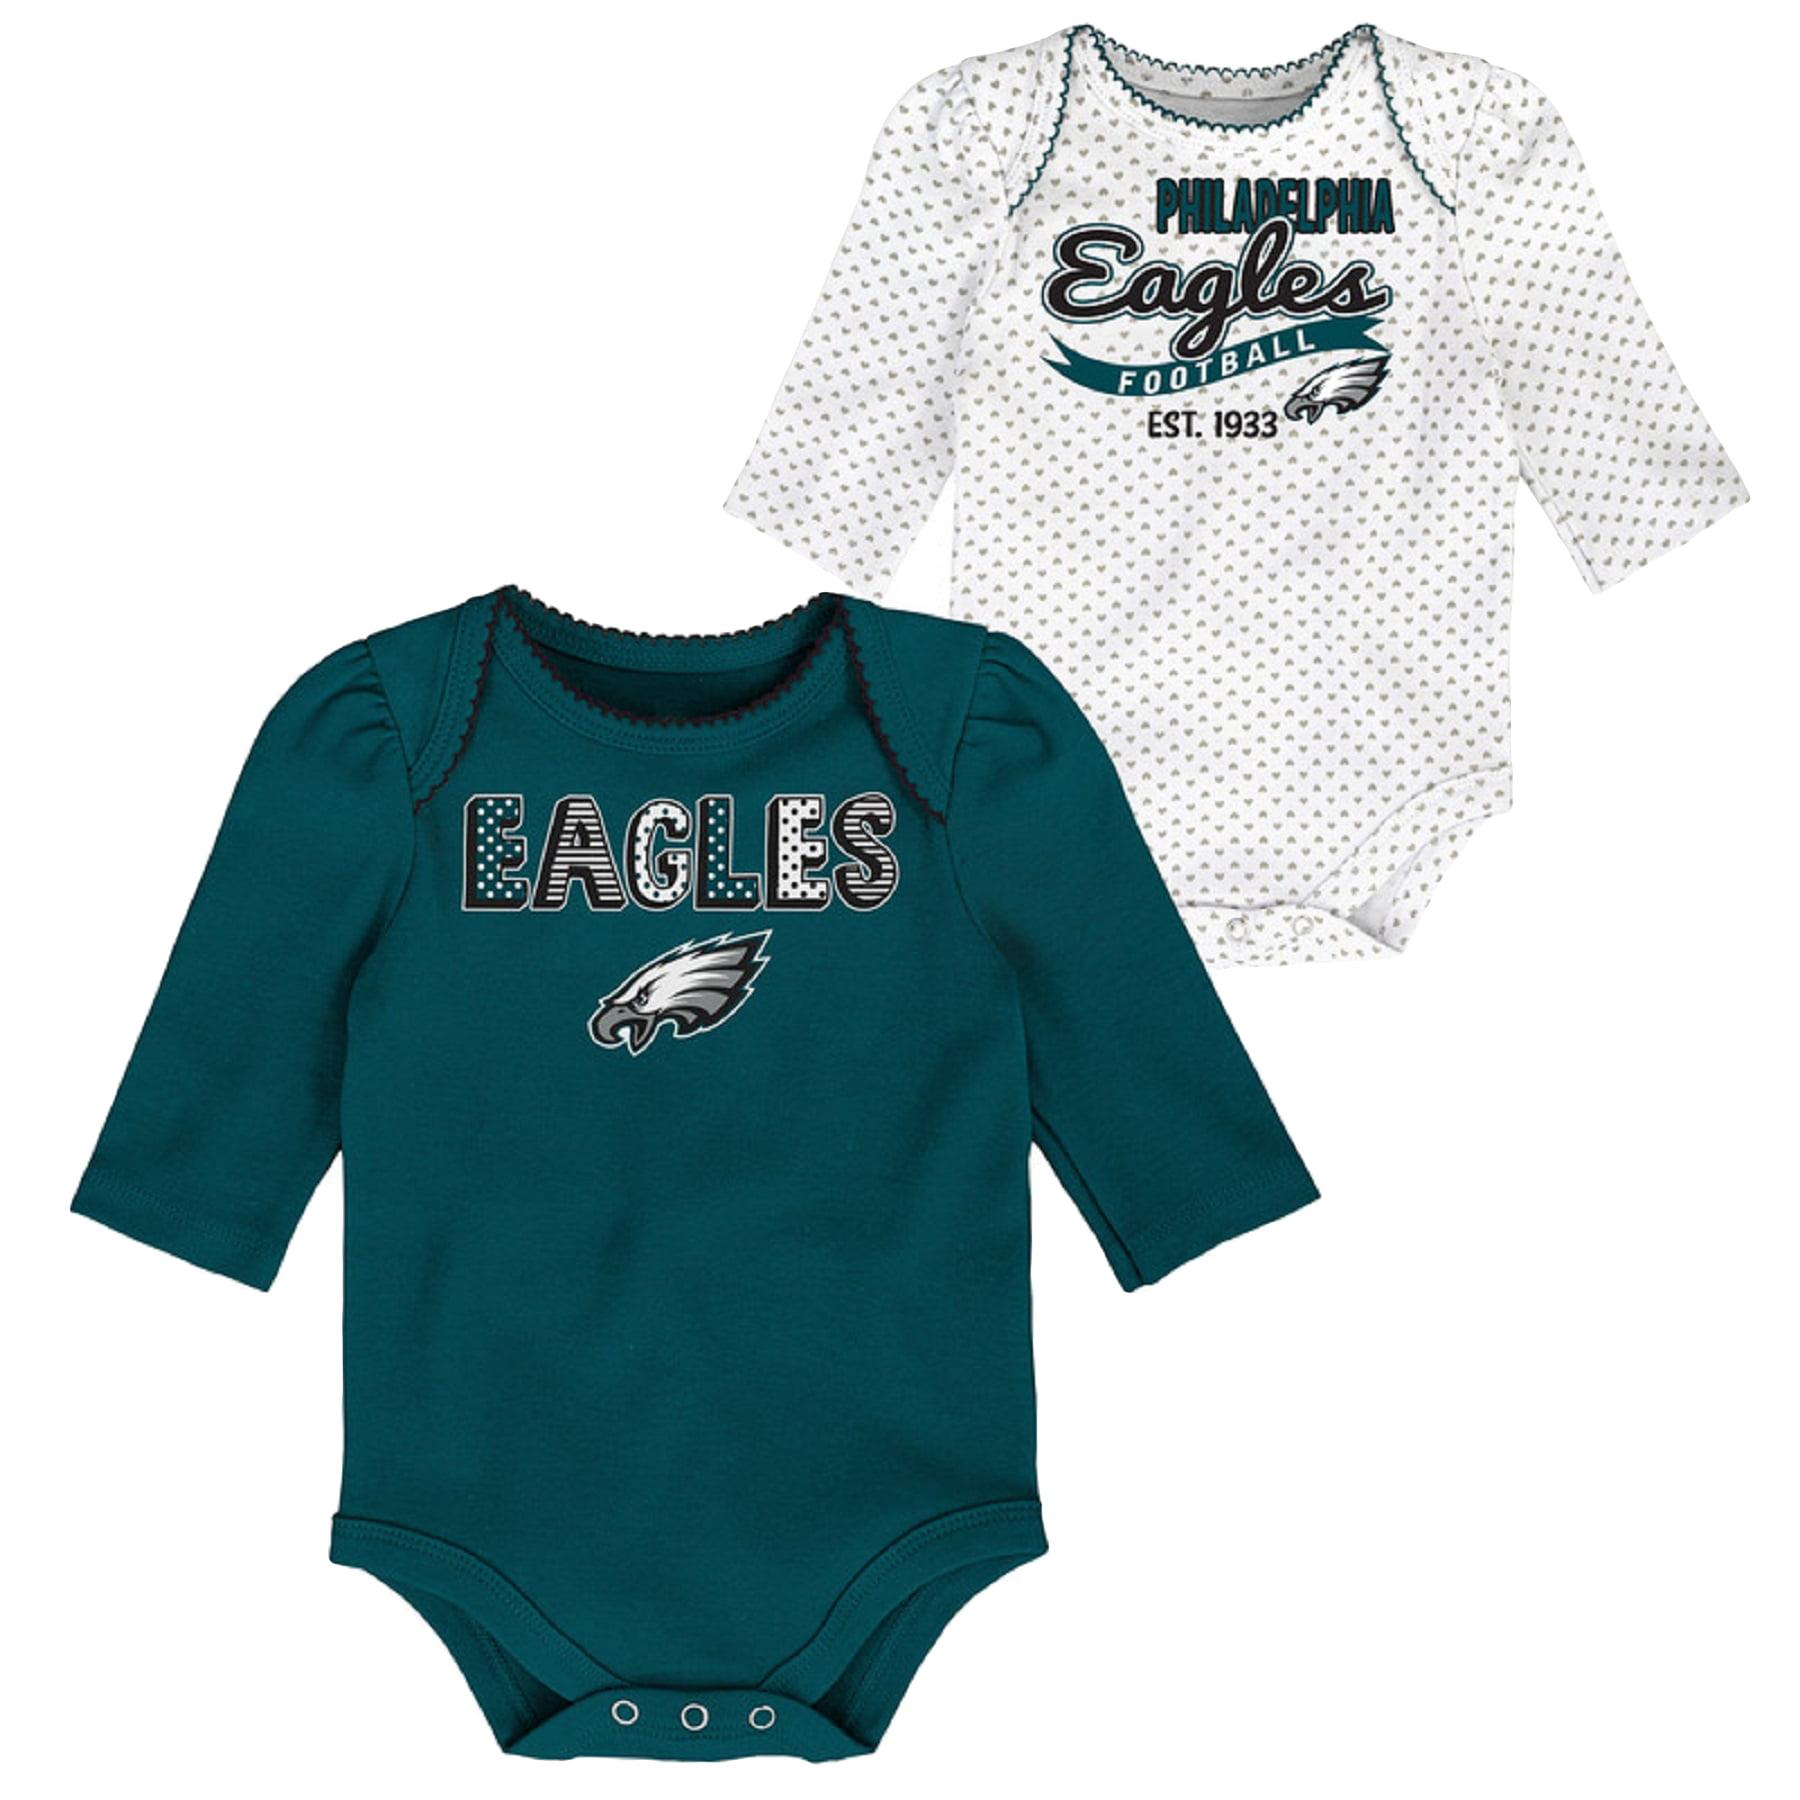 Girls Newborn & Infant Midnight Green/White Philadelphia Eagles 2-Pack Long Sleeve Bodysuits